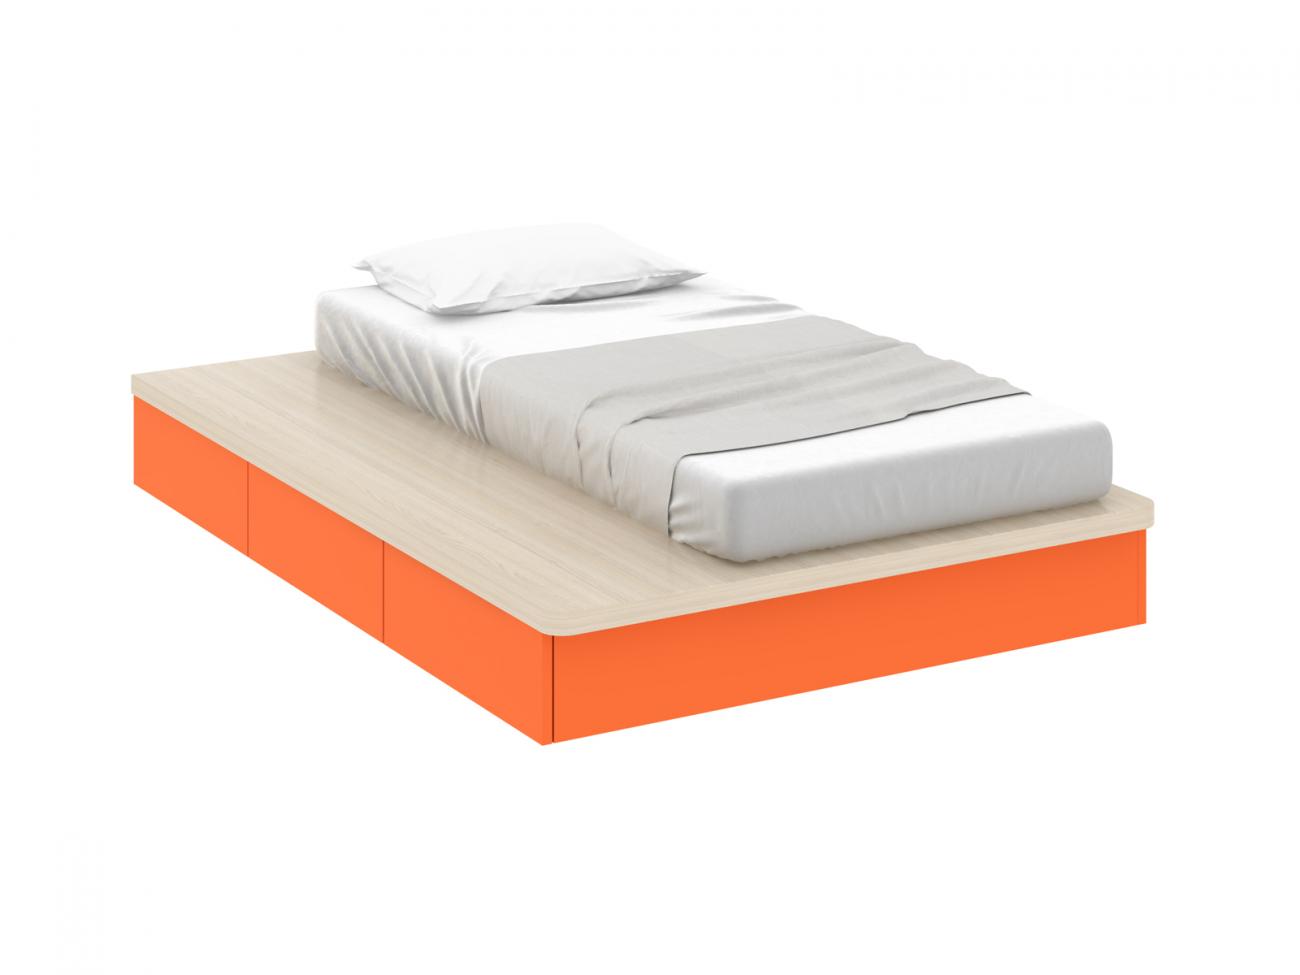 Купить Кровать Pinokkio orange в интернет магазине дизайнерской мебели и аксессуаров для дома и дачи